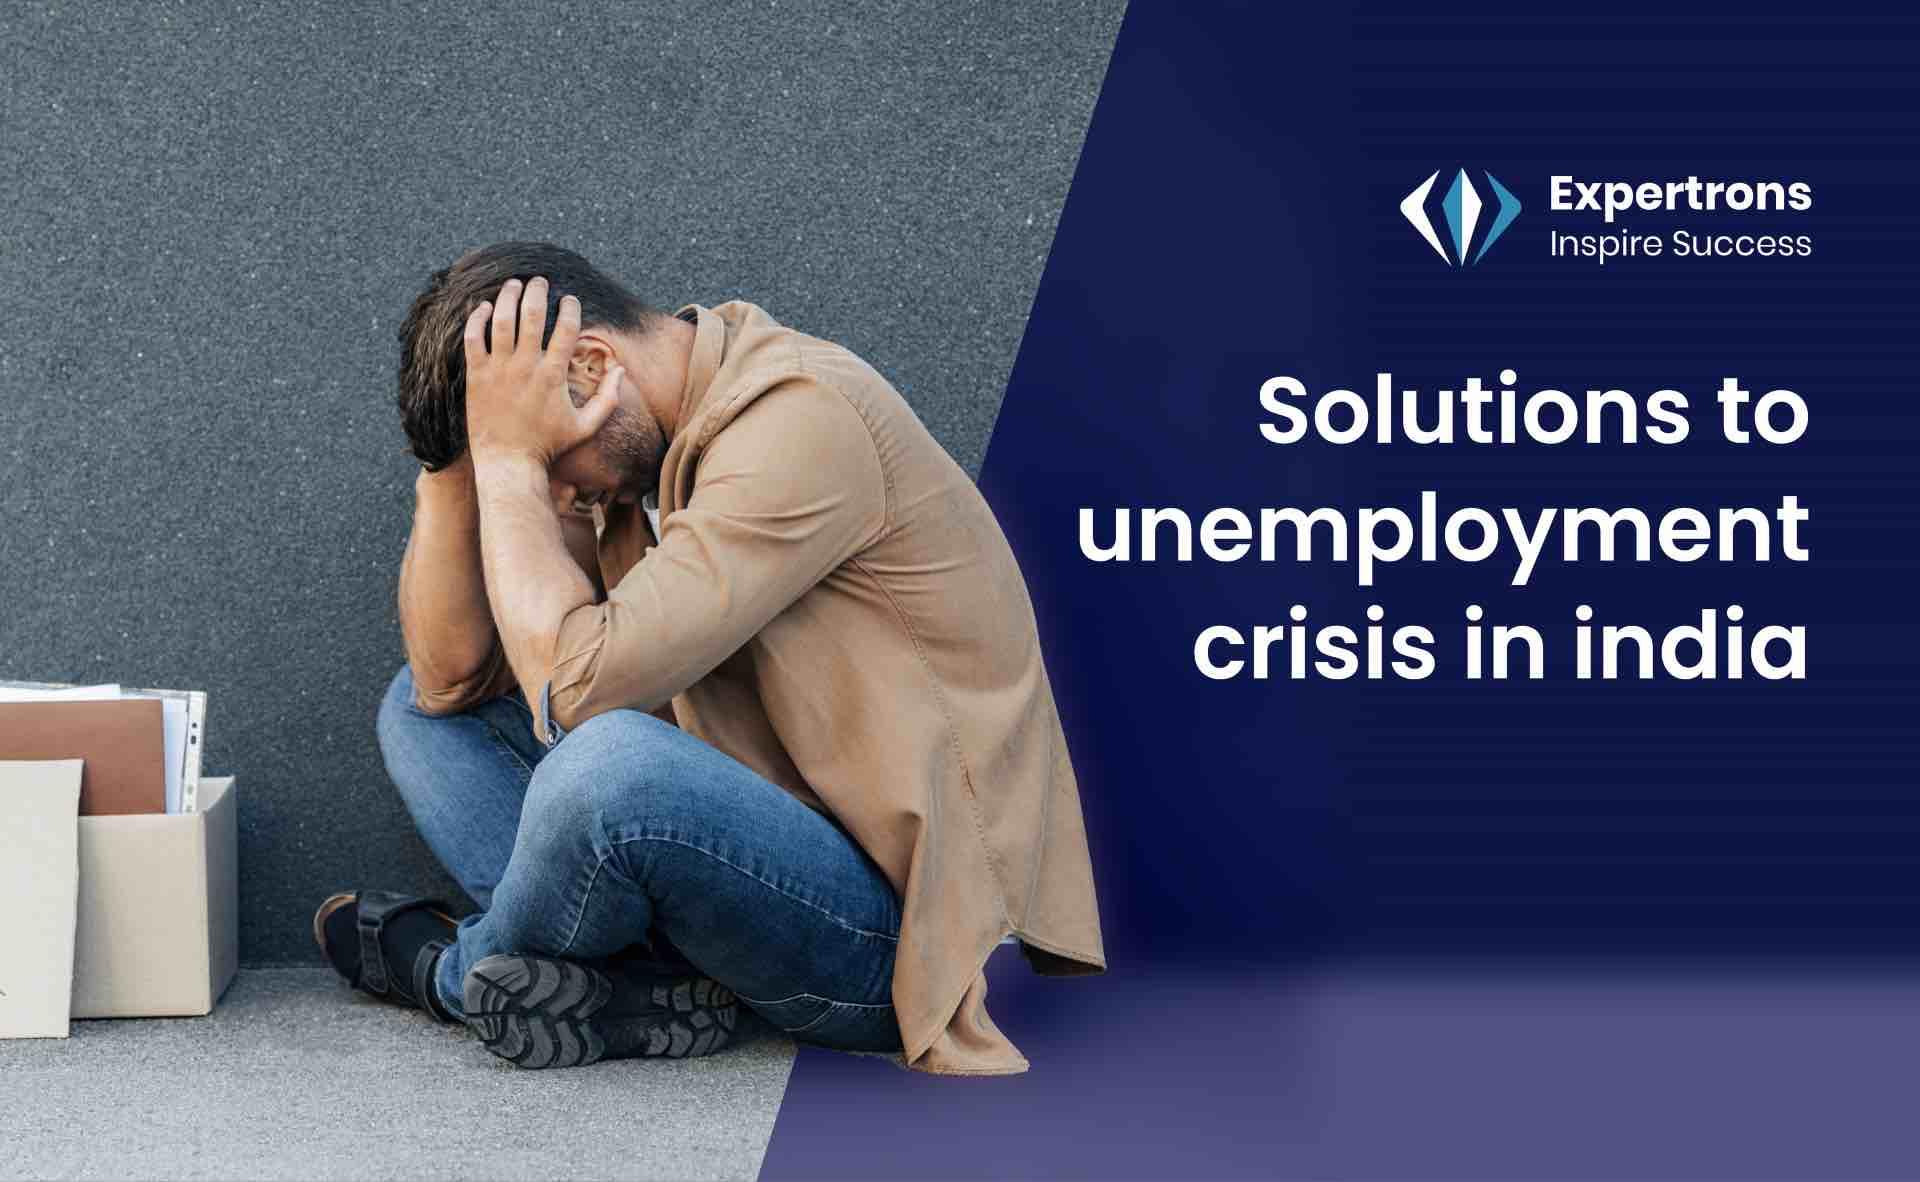 Unemployment Problem, Unemployment Crisis in india, Unemployment Rate, Educated Unemployment, Solutions to unemployment, Employment Opportunities, Unemployment Crisis.